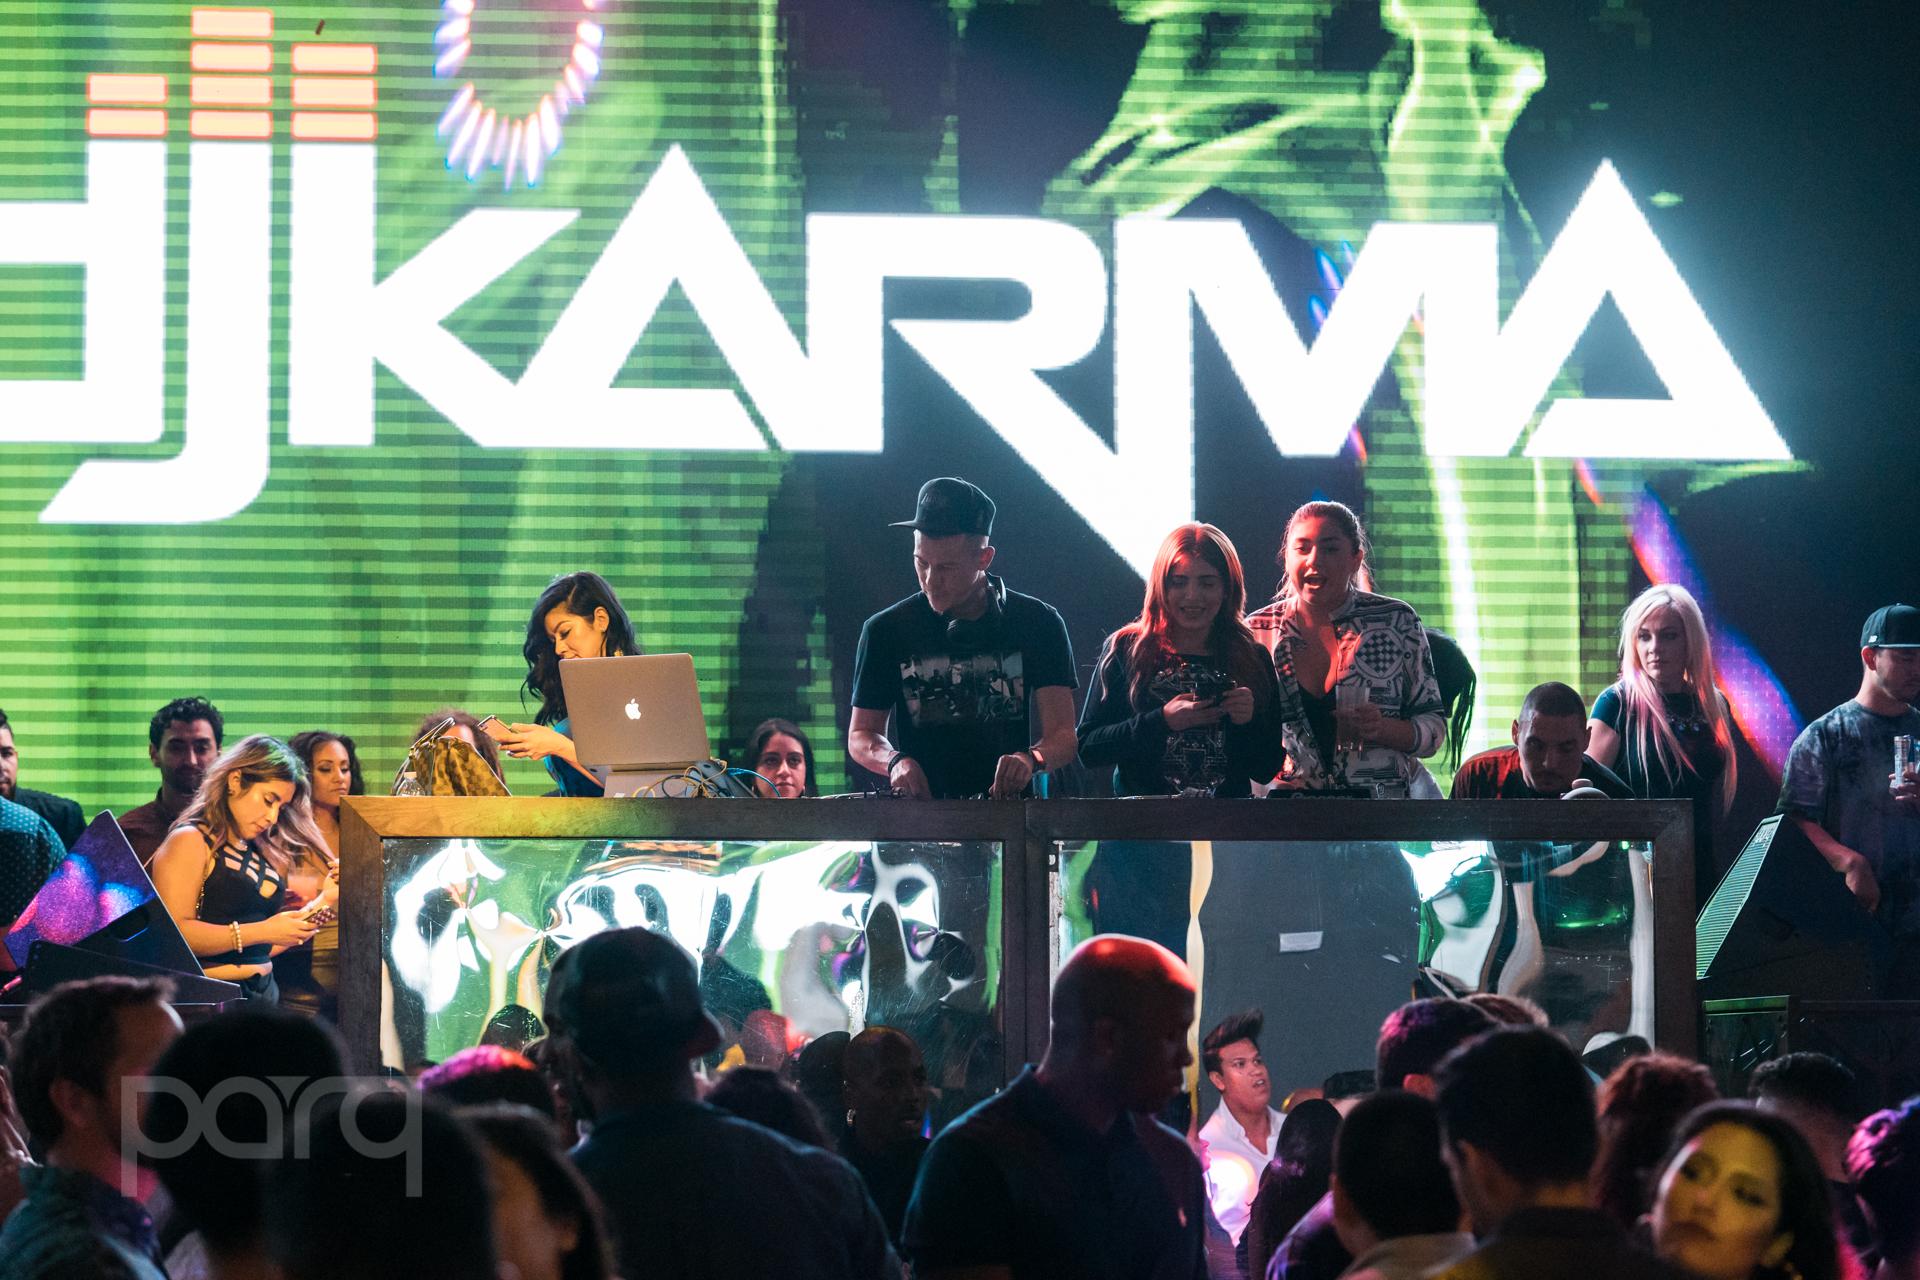 11.18.17 Parq - Karma-29.jpg